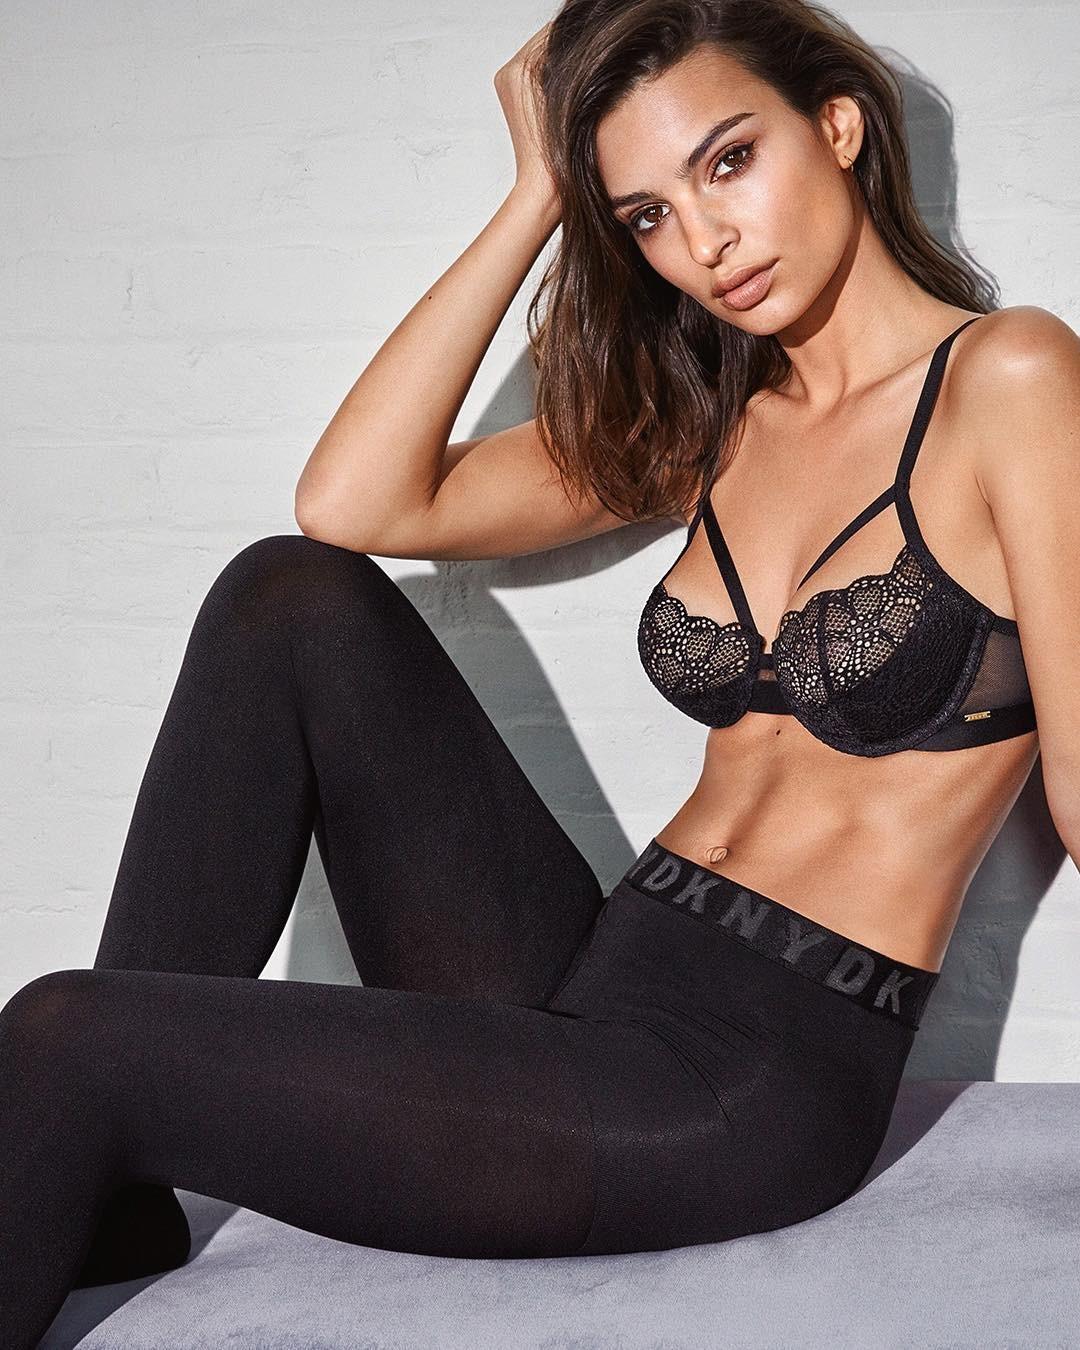 Emily-Ratajkowski-Sexy